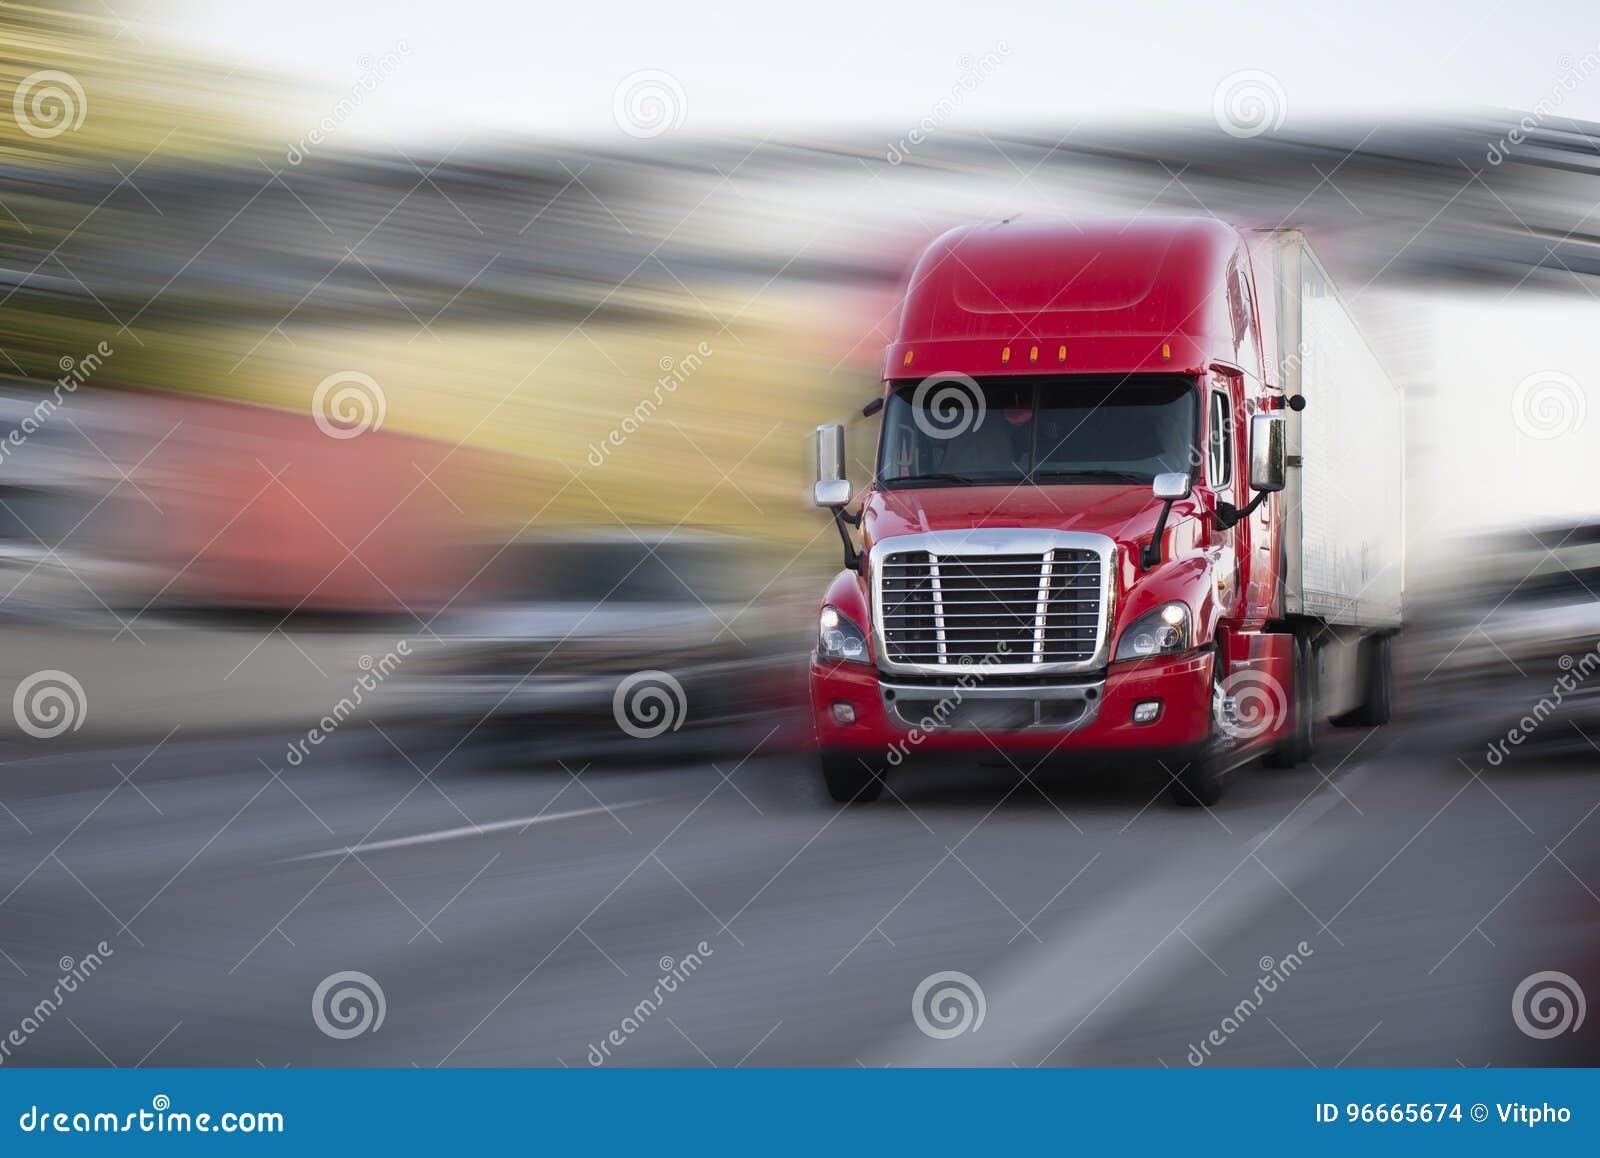 Heldere rode moderne grote installatie semi vrachtwagen met semi aanhangwagenbeweging met